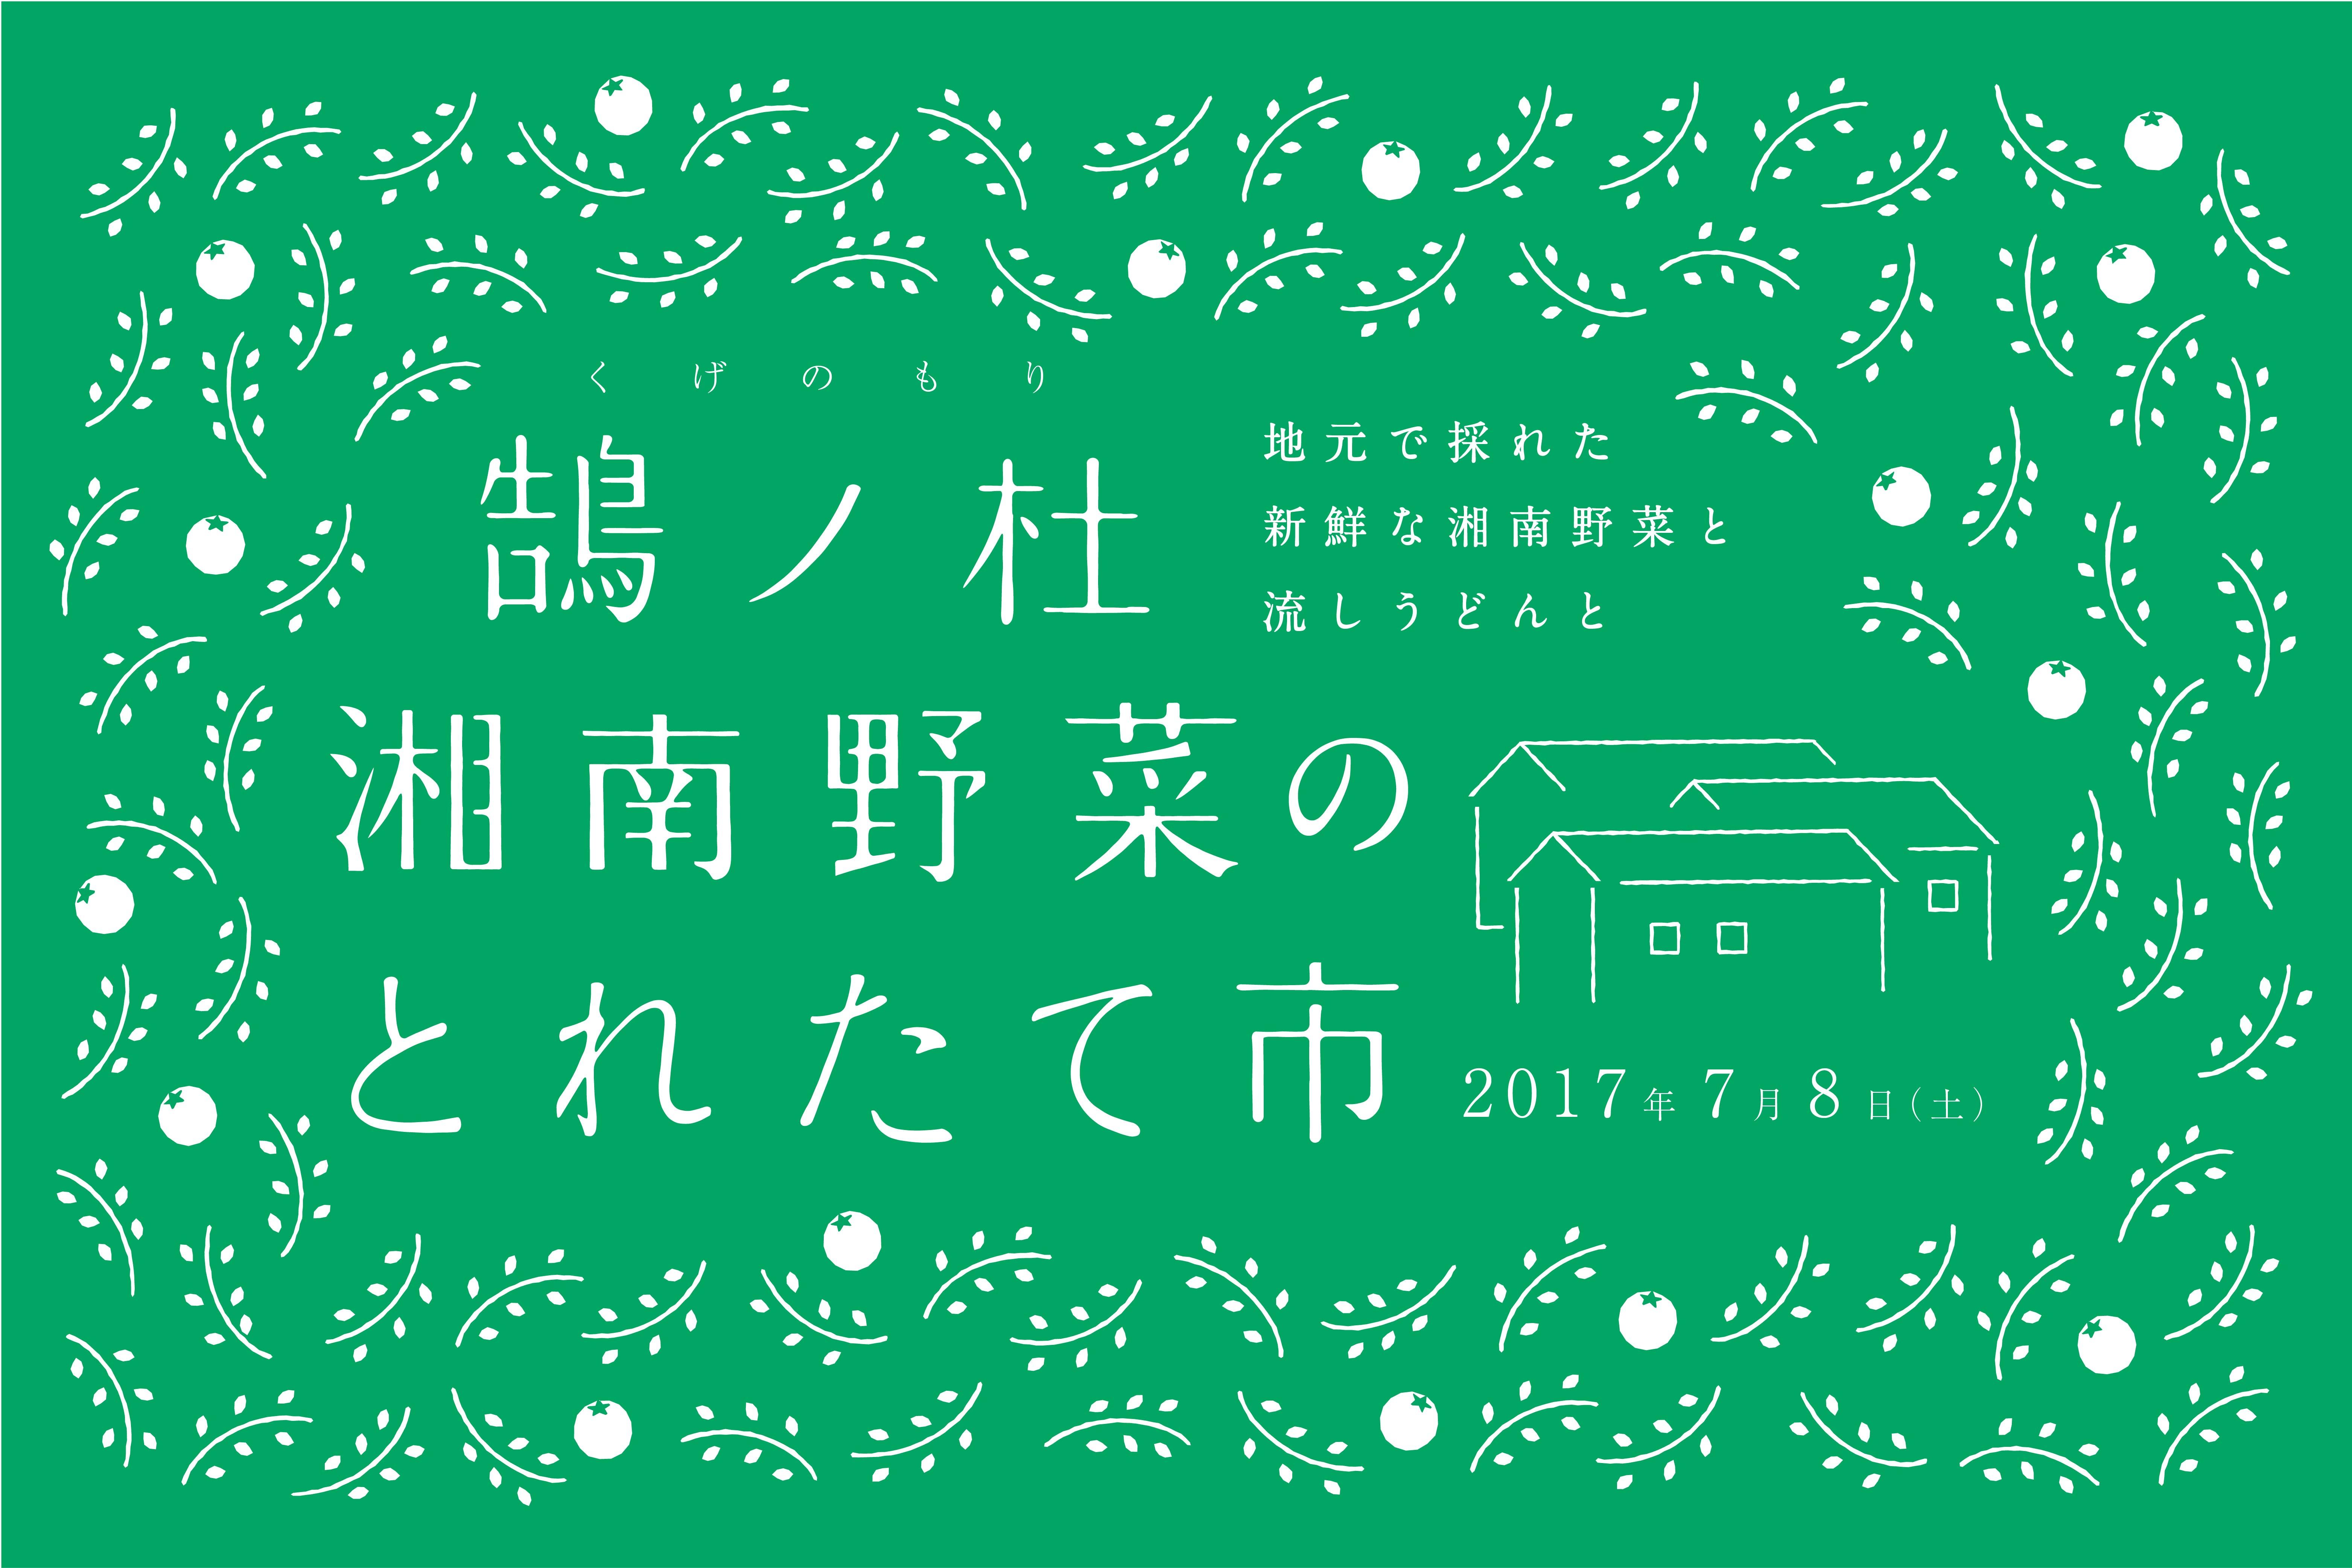 7/8(土) 『鵠ノ杜とれたて市』開催!